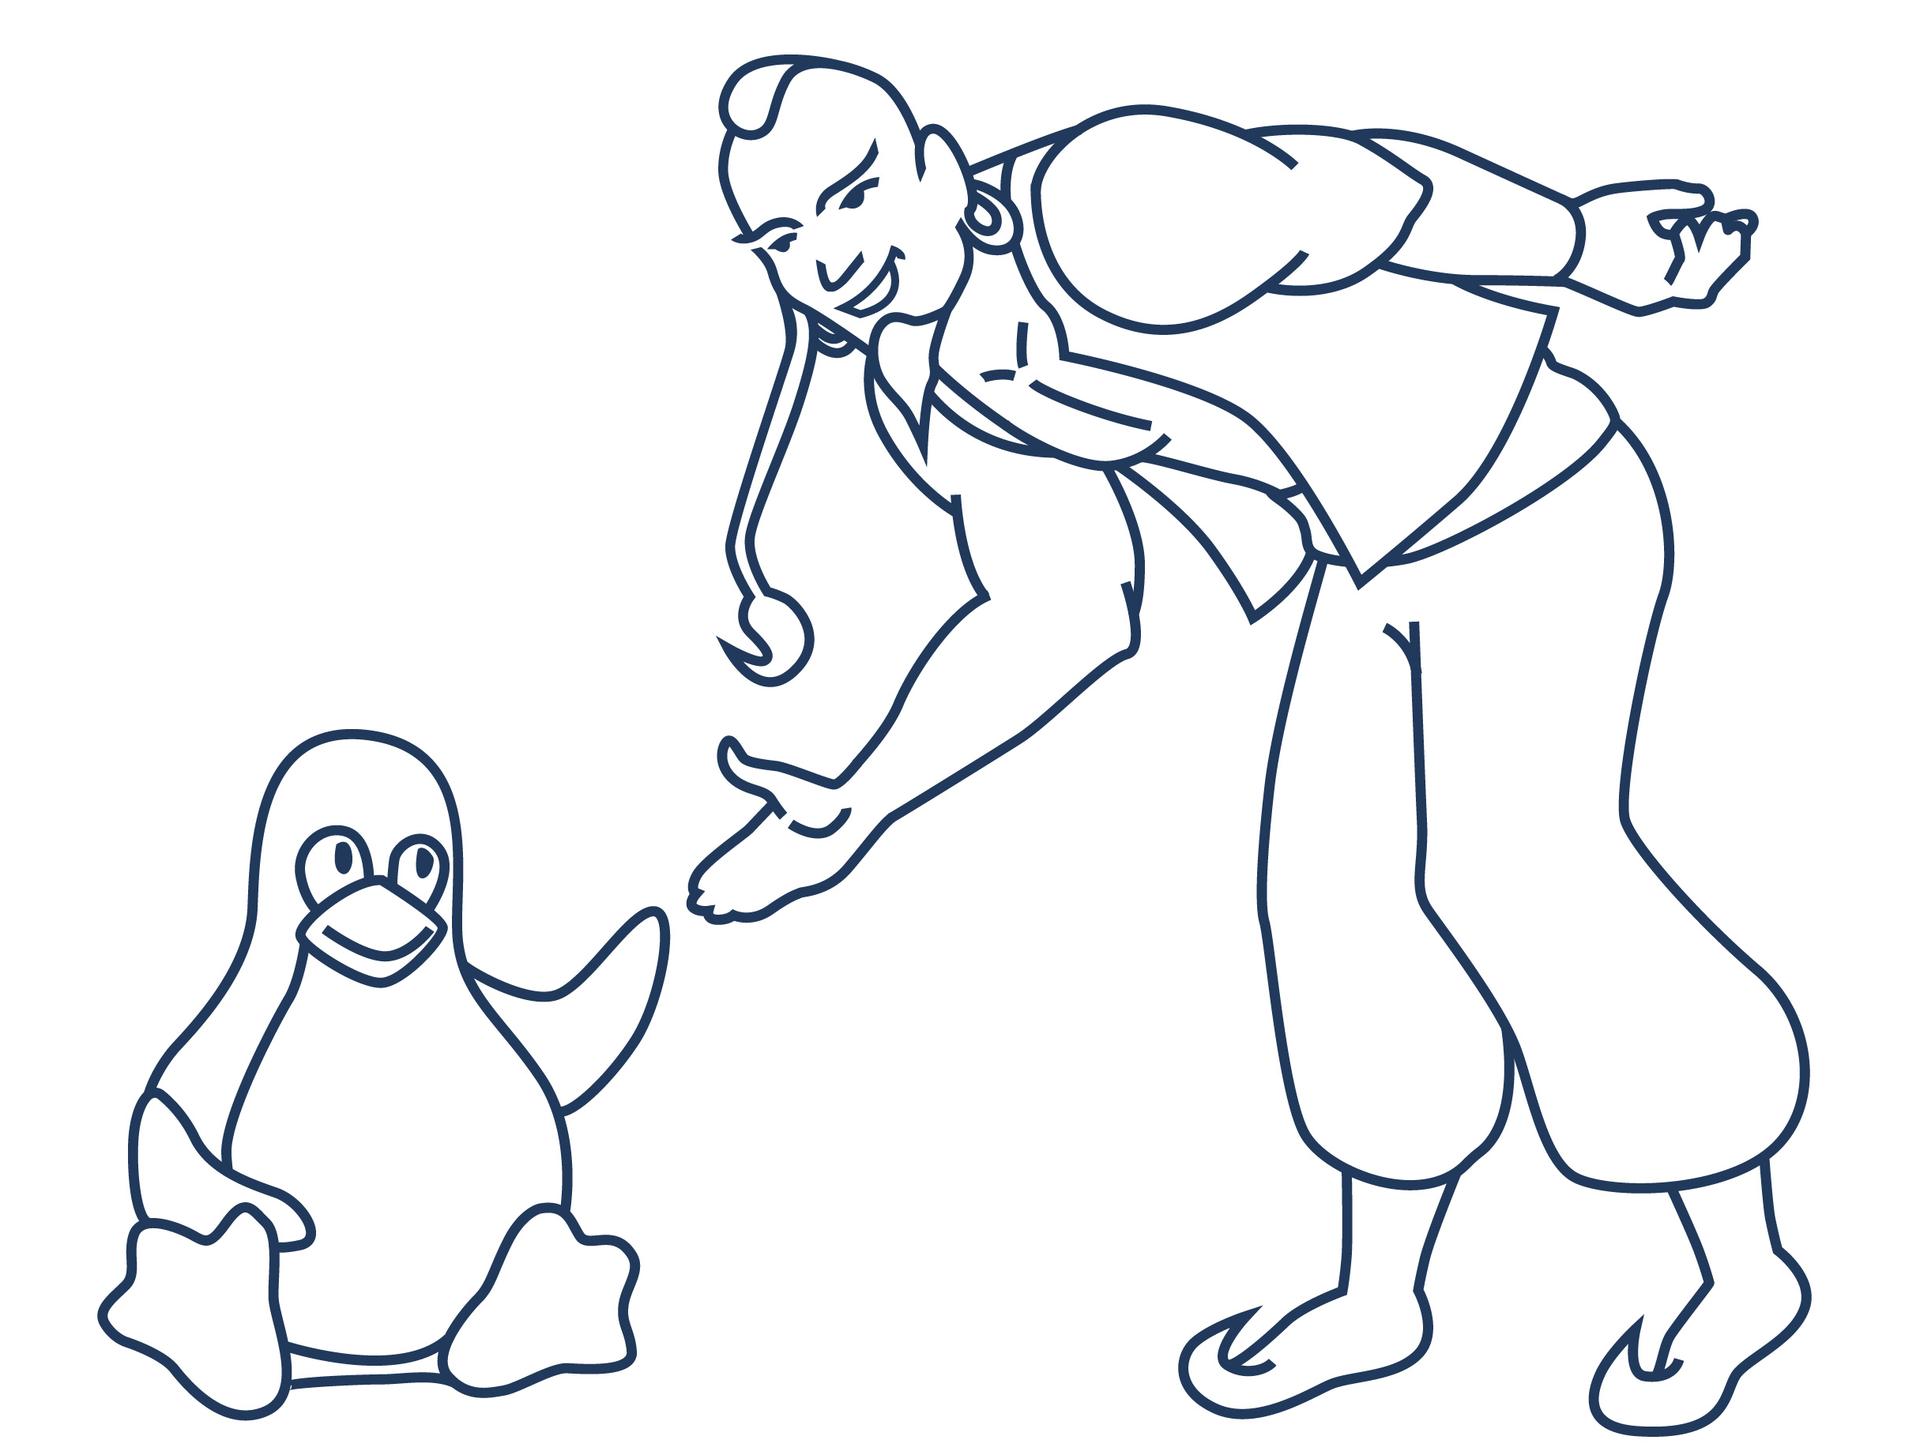 Дизайн и эволюция Хоттабыча - 8